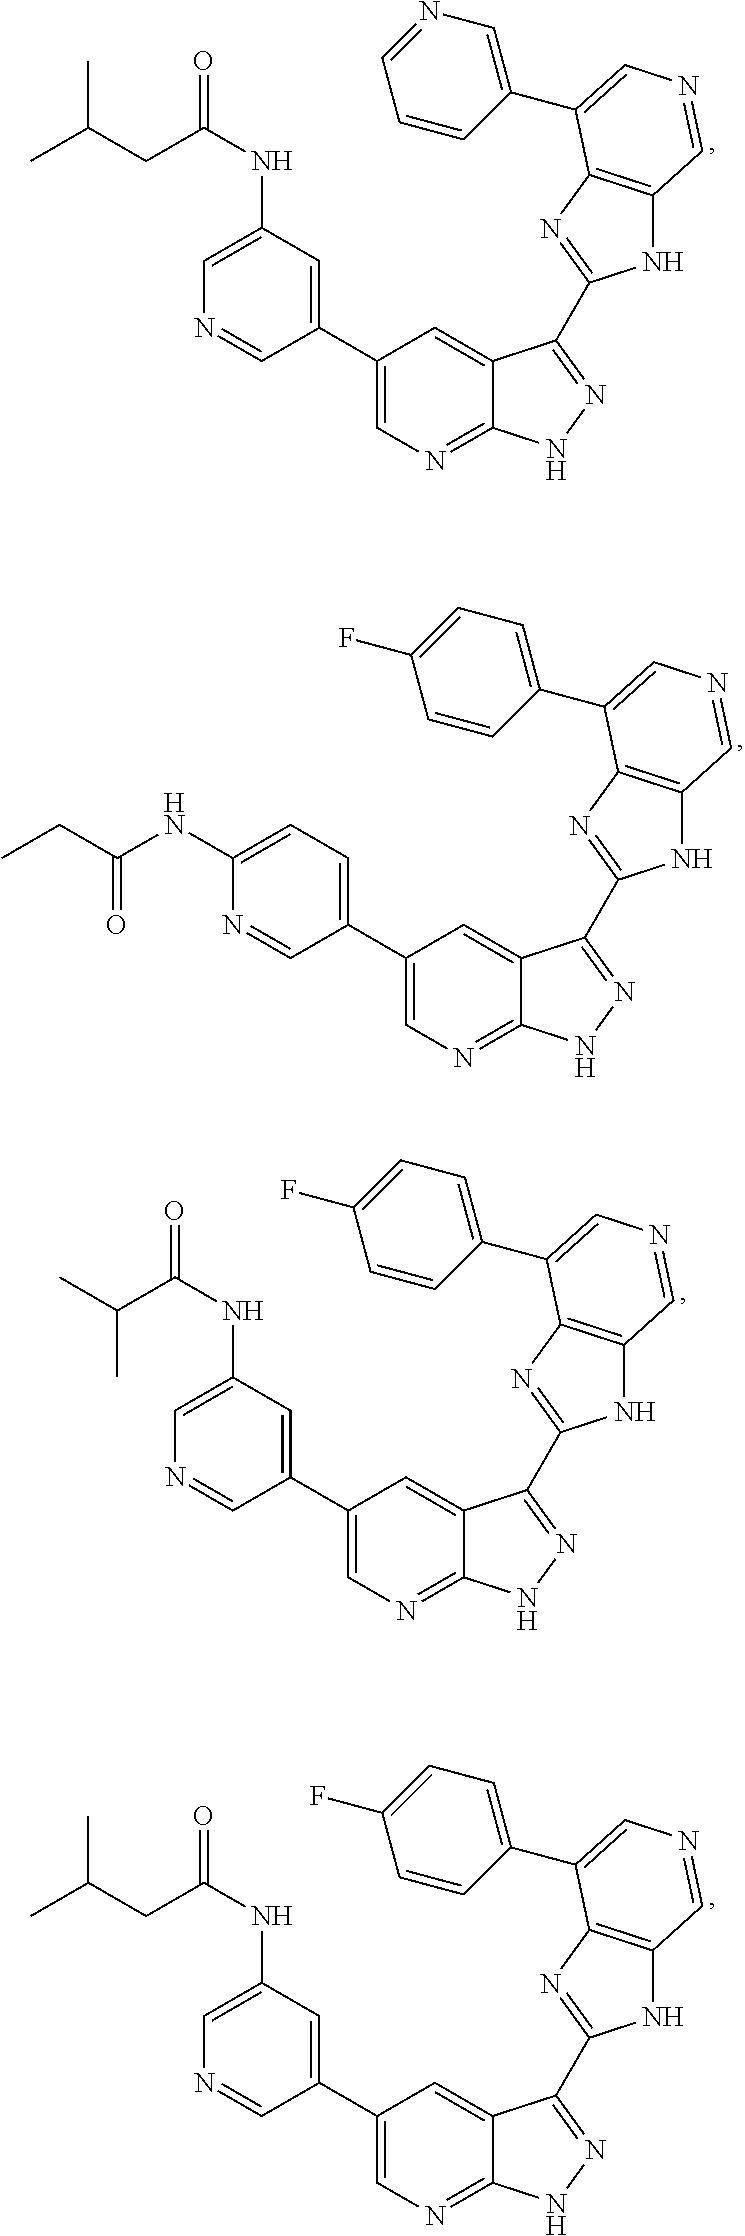 Figure US08618128-20131231-C00007